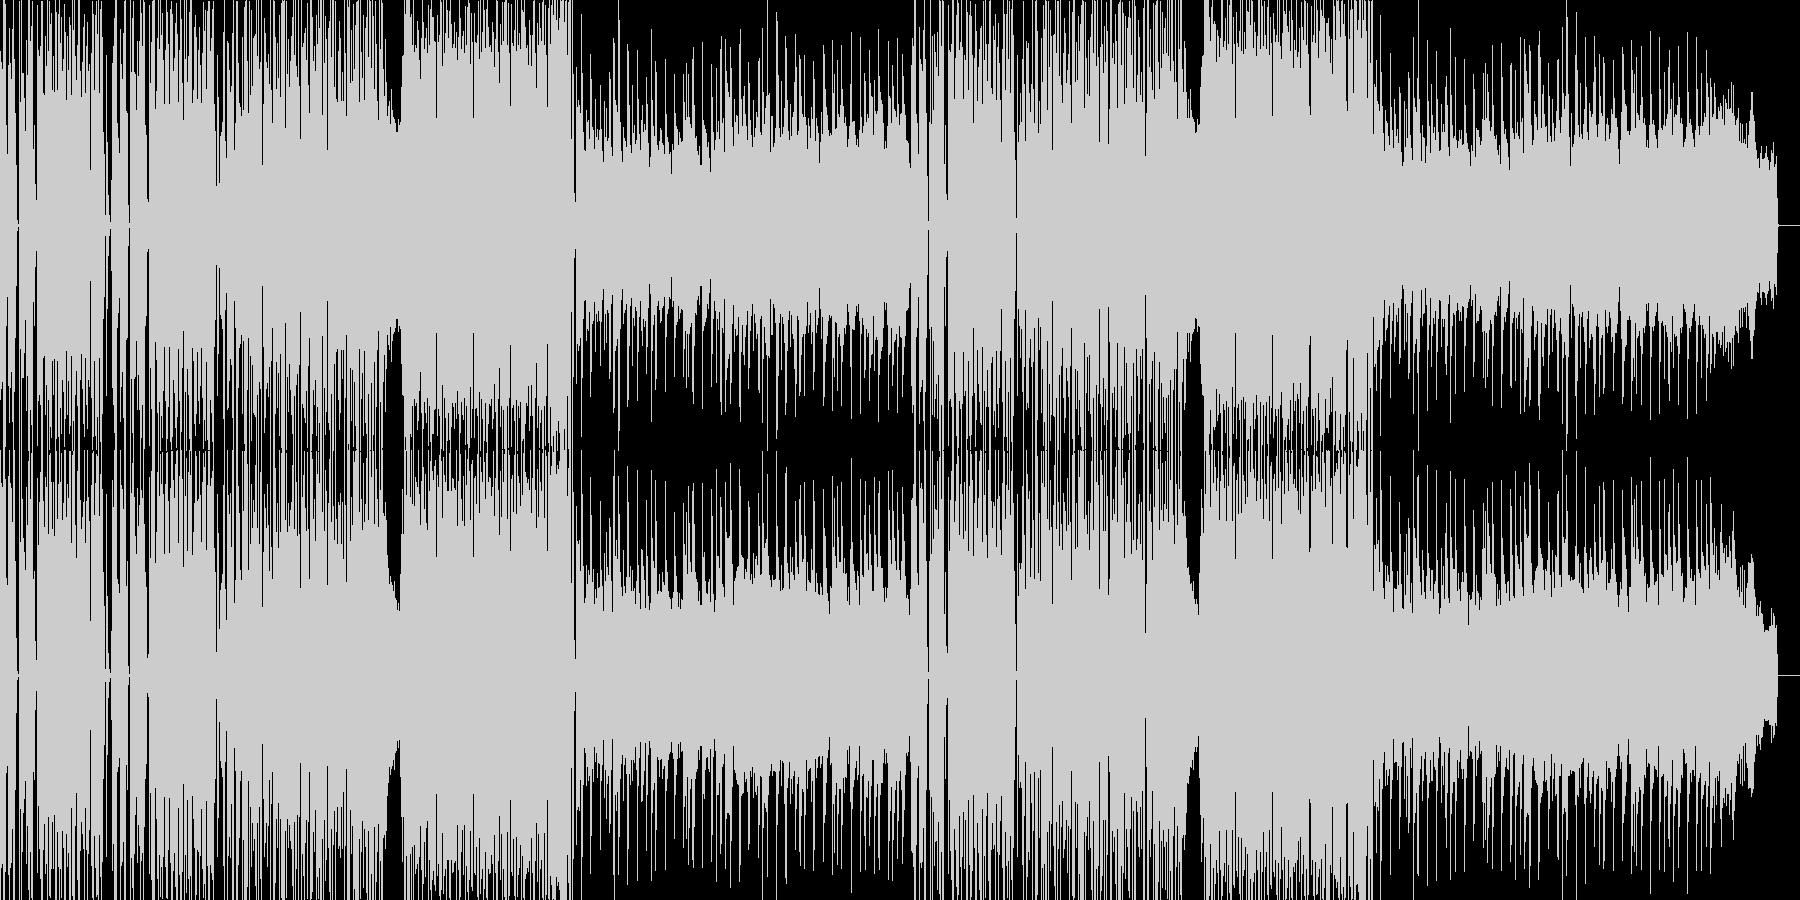 高音質♪レトロ風ピアノ曲カット版ありの未再生の波形